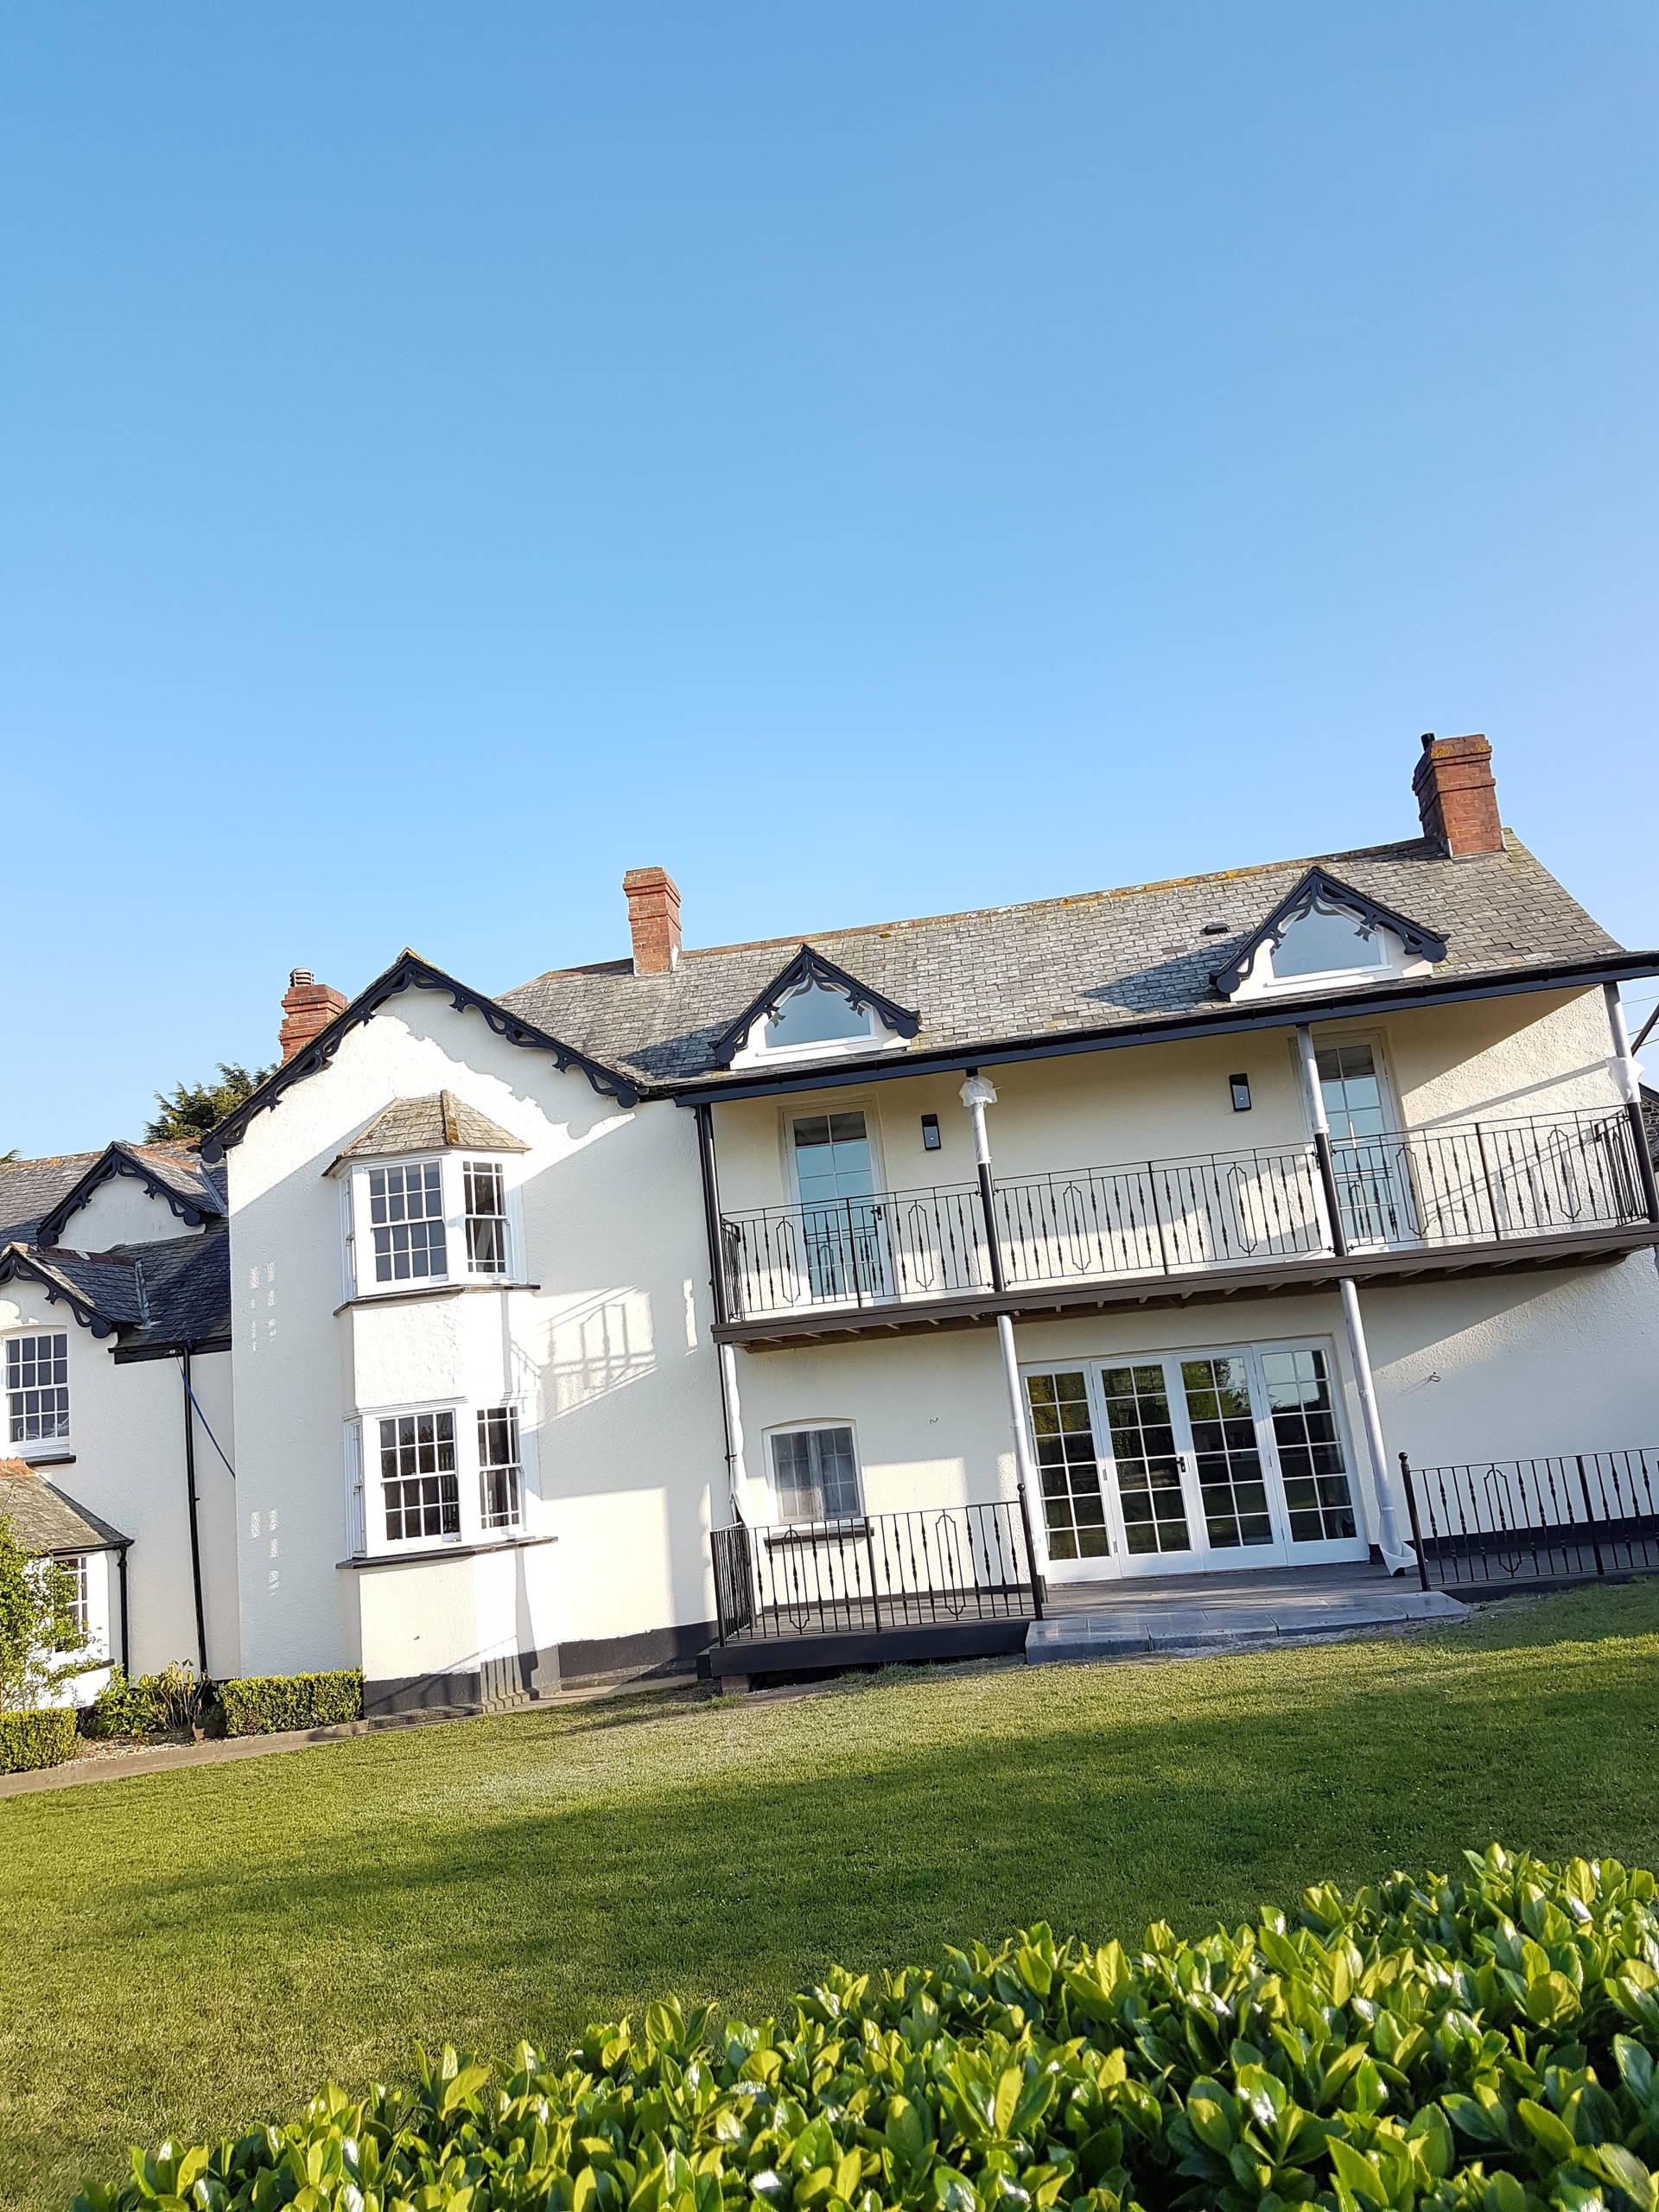 Lendon House